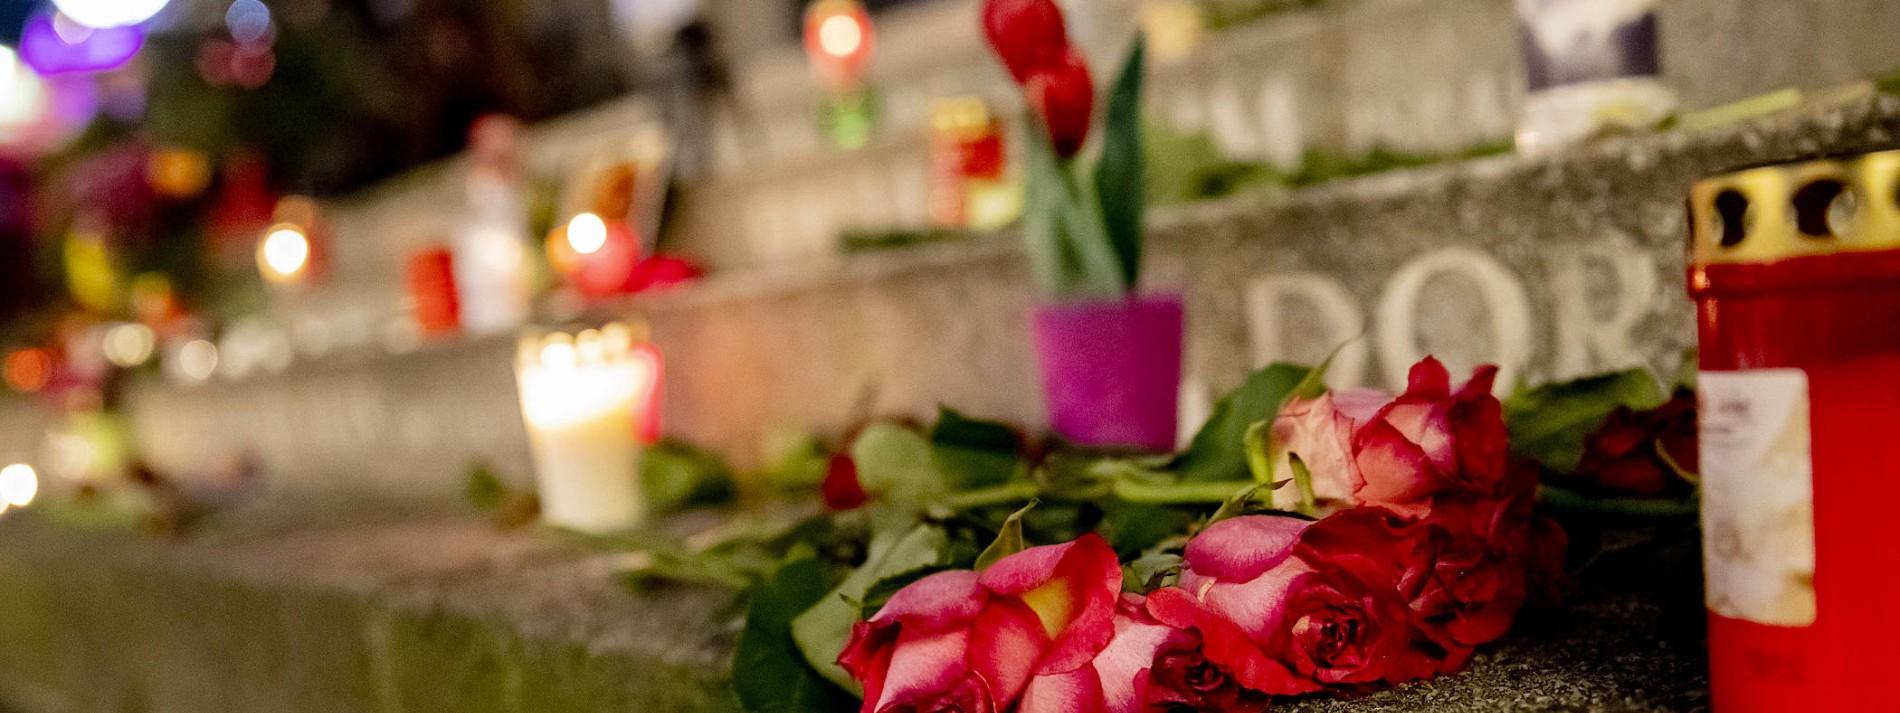 Ersthelfer stirbt fünf Jahre nach Anschlag auf Berliner Weihnachtsmarkt